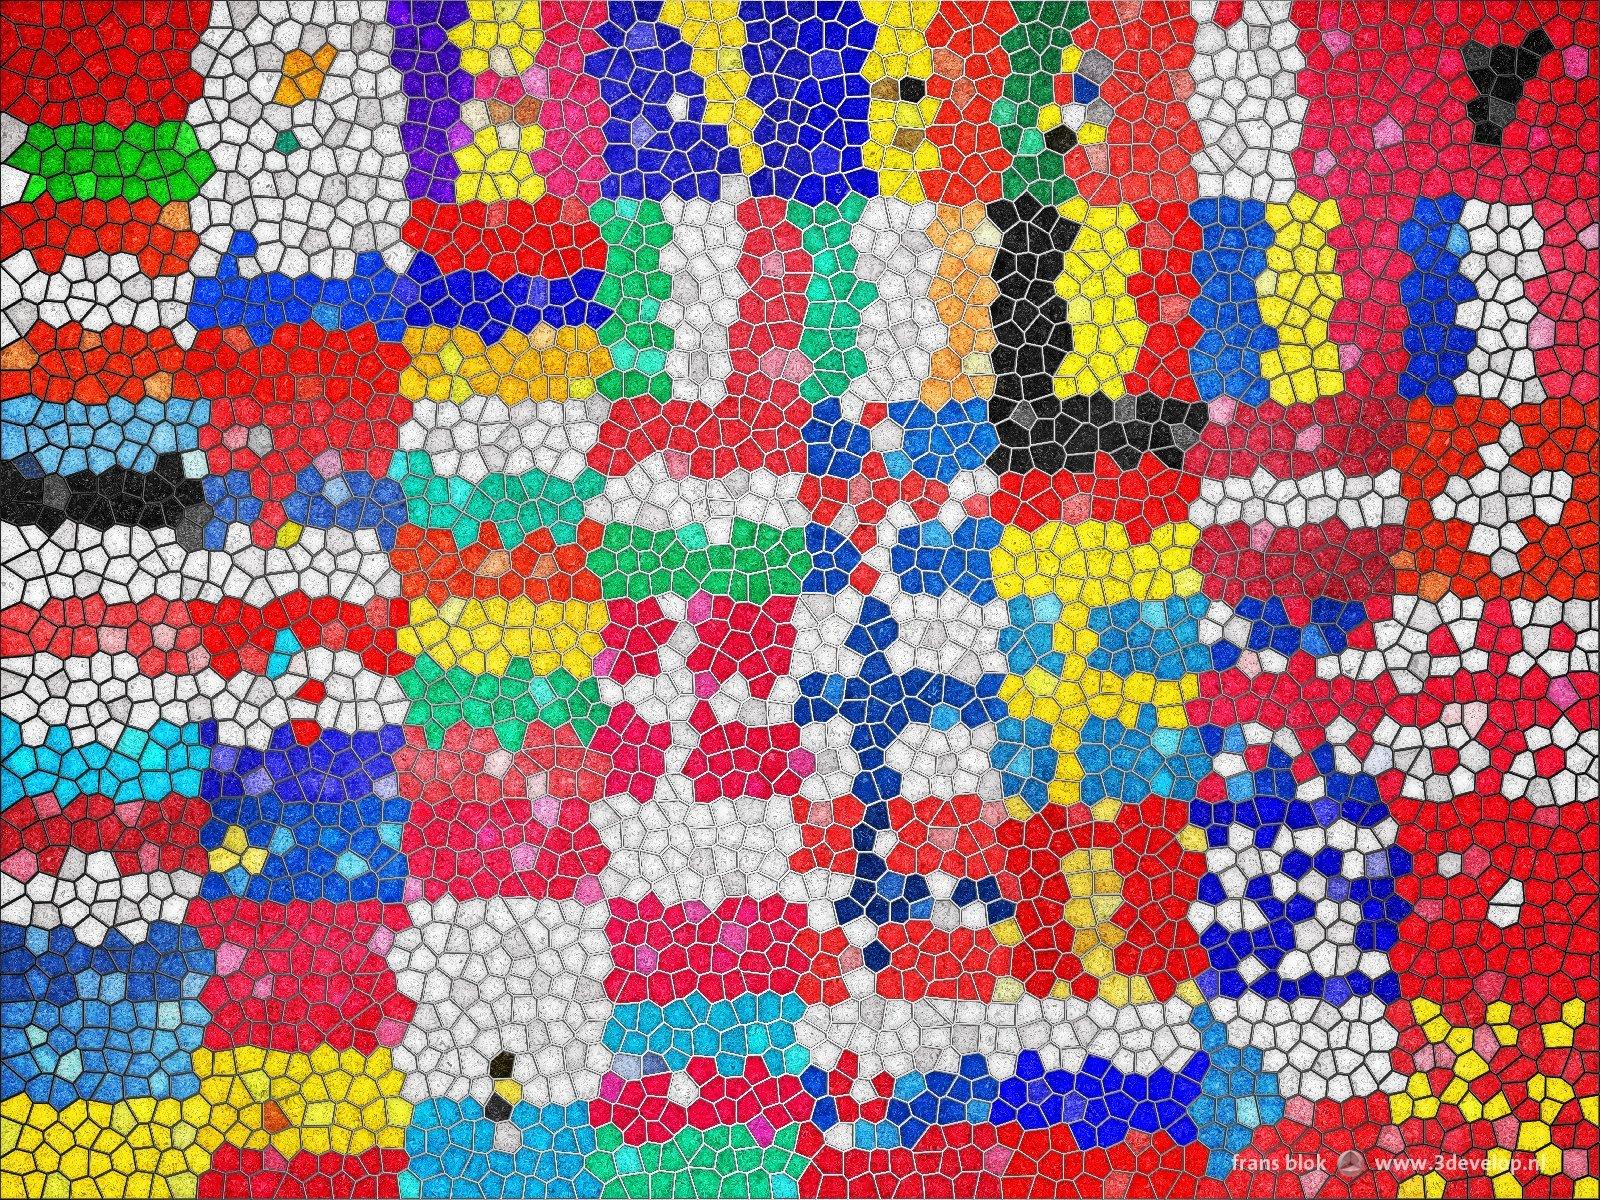 glas-in-loodversie van een compositie van de vlaggen van 48 Europese landen, als wandversiering op een muur met stucwerk